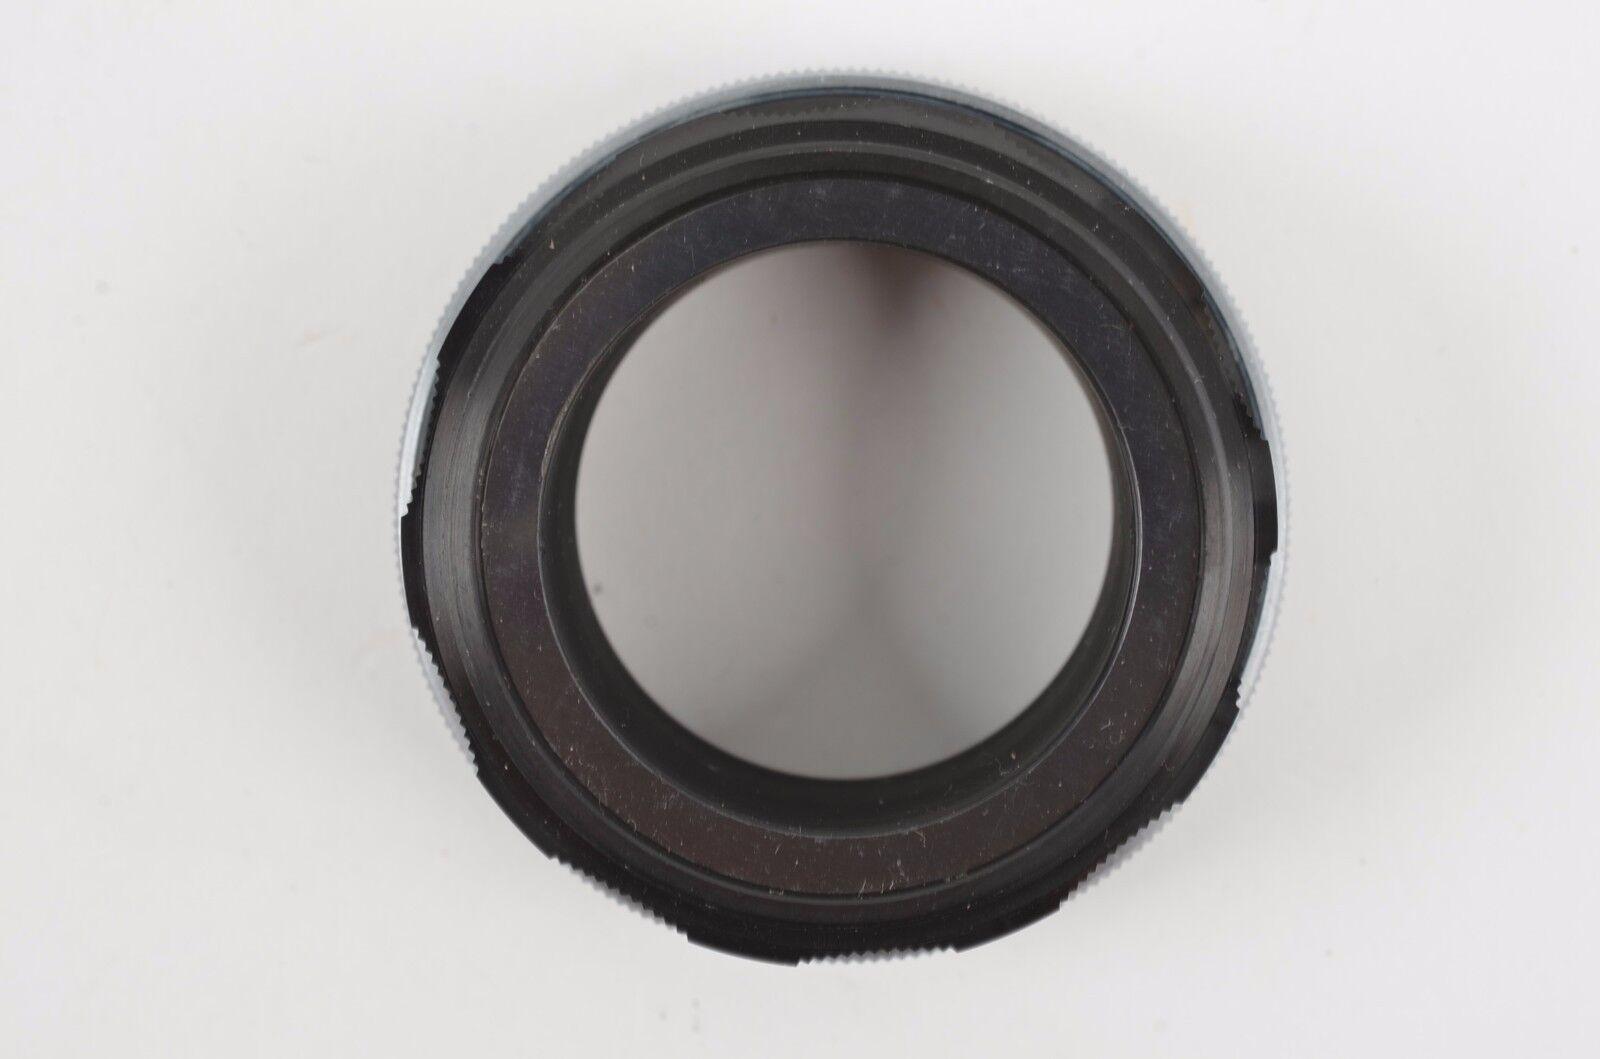 EXC GENUINE CANON MACROPHOTO COUPLER FL 48mm - $34.95